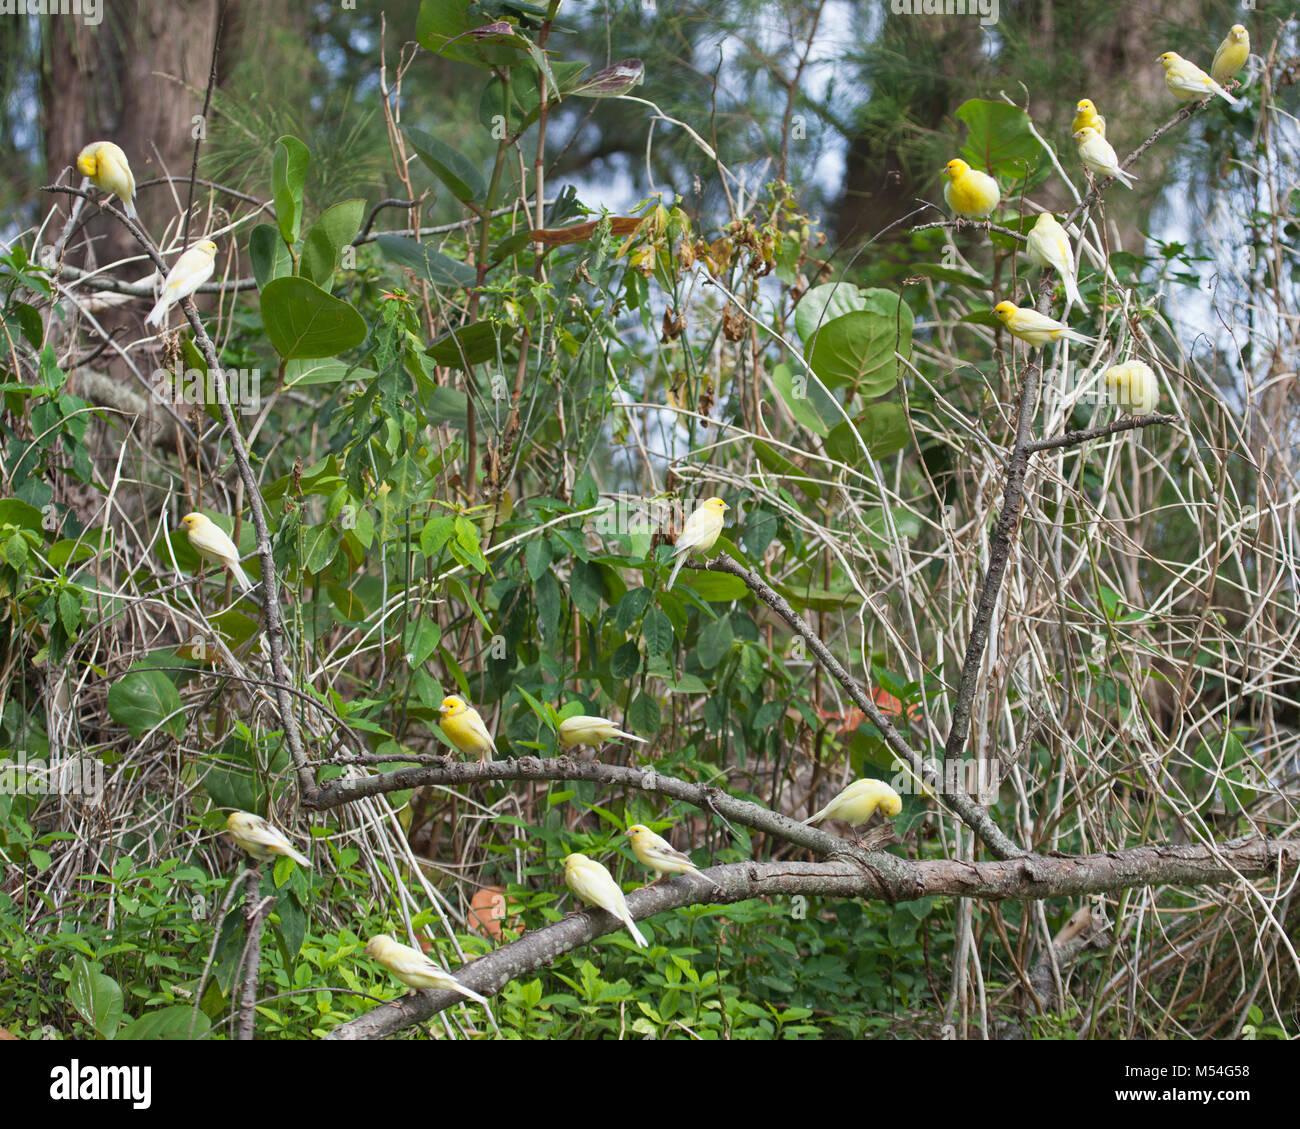 Herde wilder Kanarienvogel (Serinus canaria) stammt von Pet Vögel auf Midway Atoll über einem Jahrhundert Stockbild